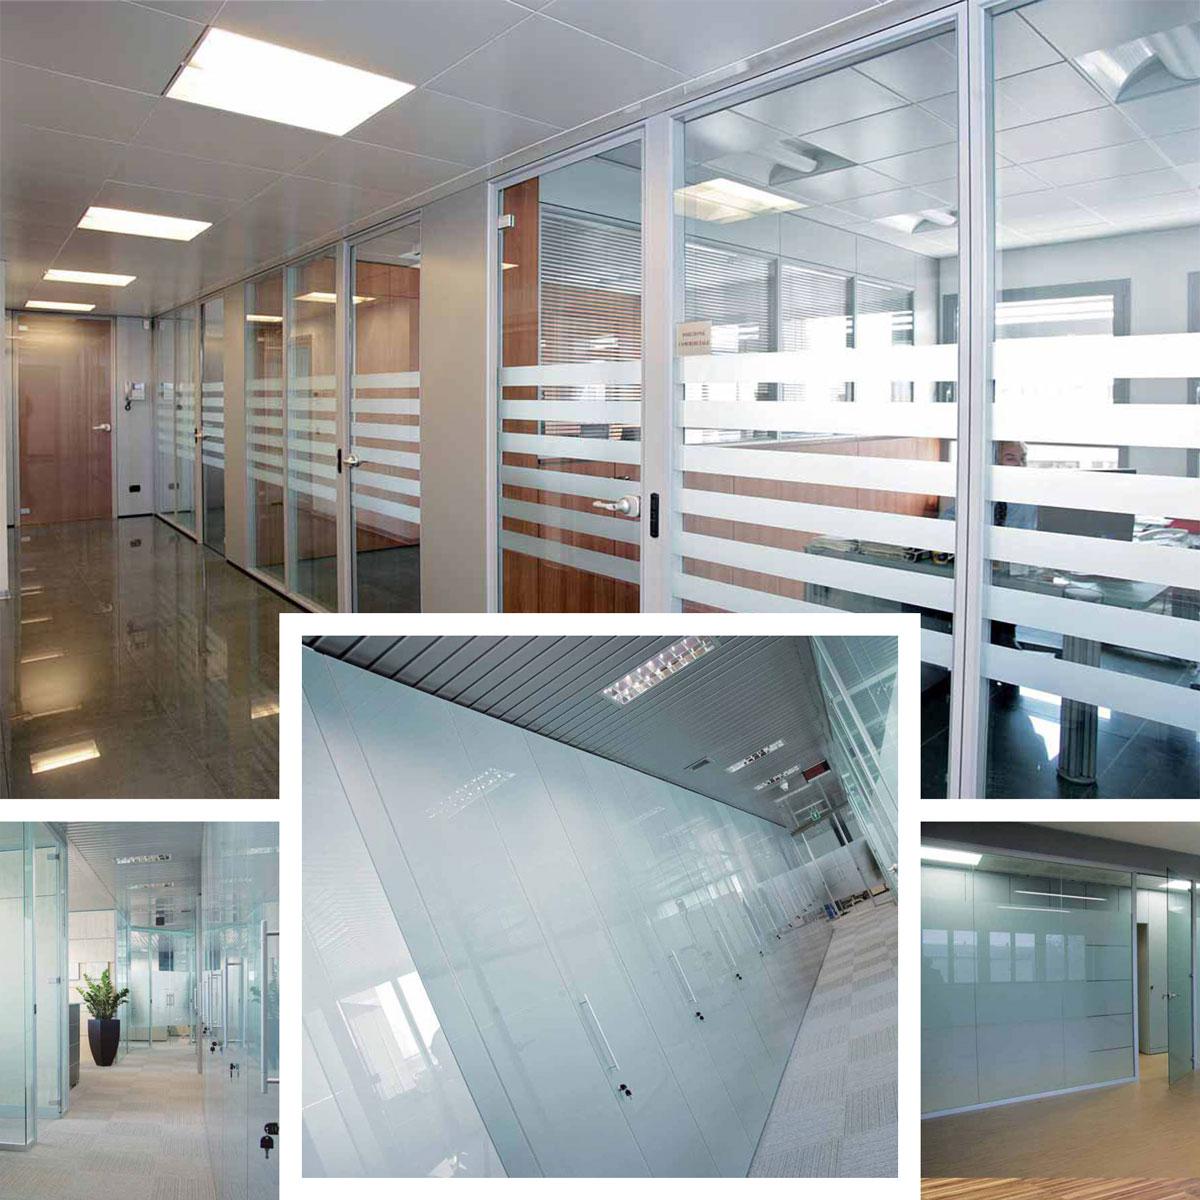 Pareti mobili in vetro per uffici luminosi ed eleganti